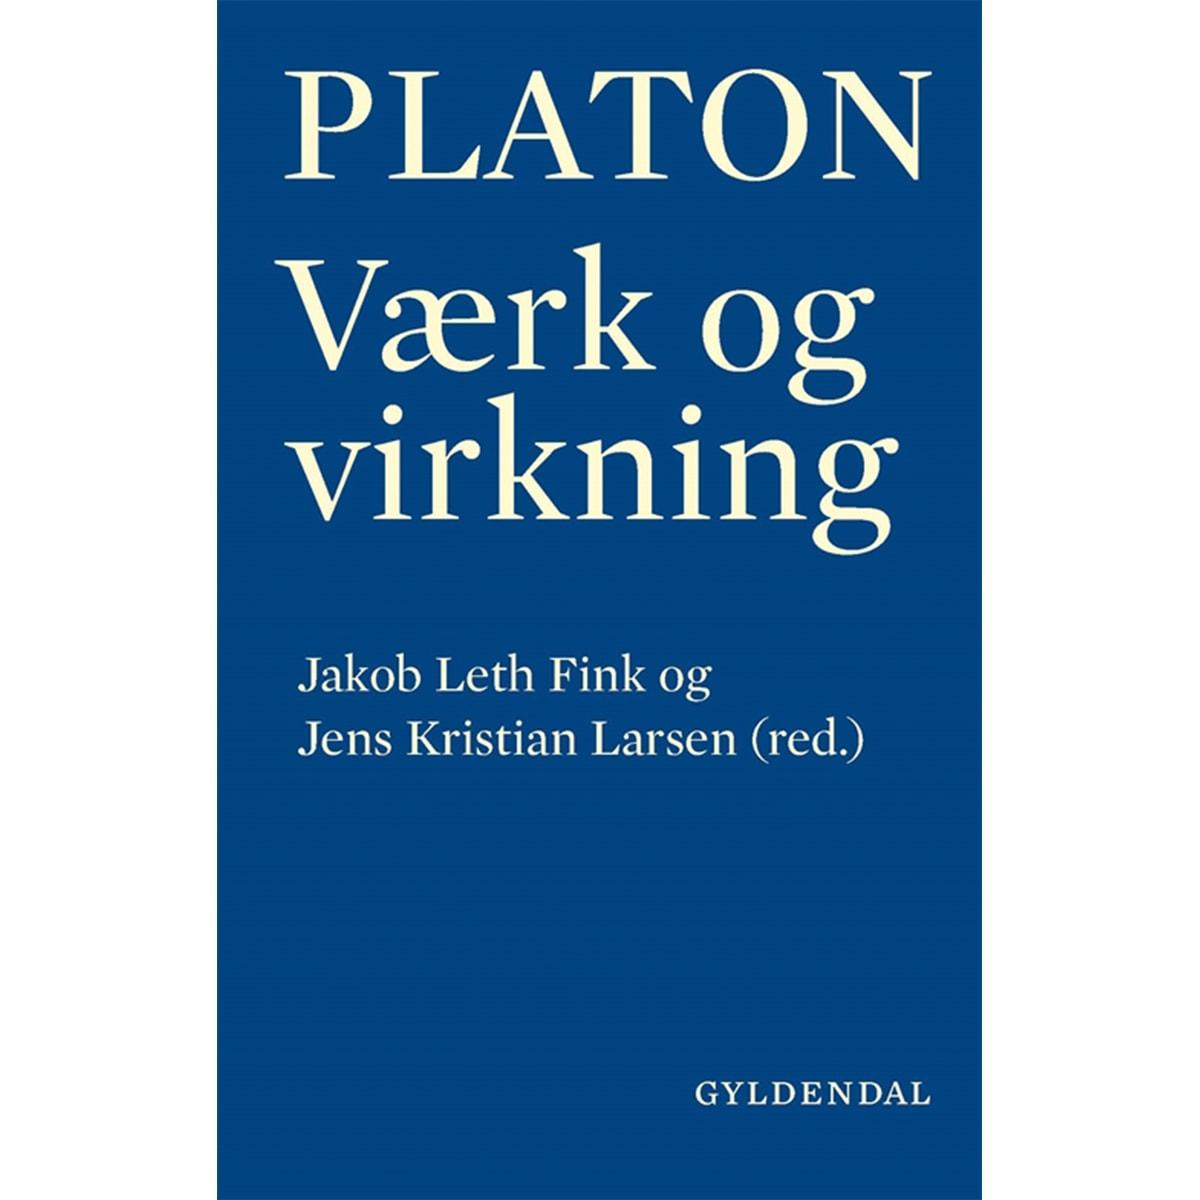 Af Jakob Leth Fink & Jens Kristian Larsen